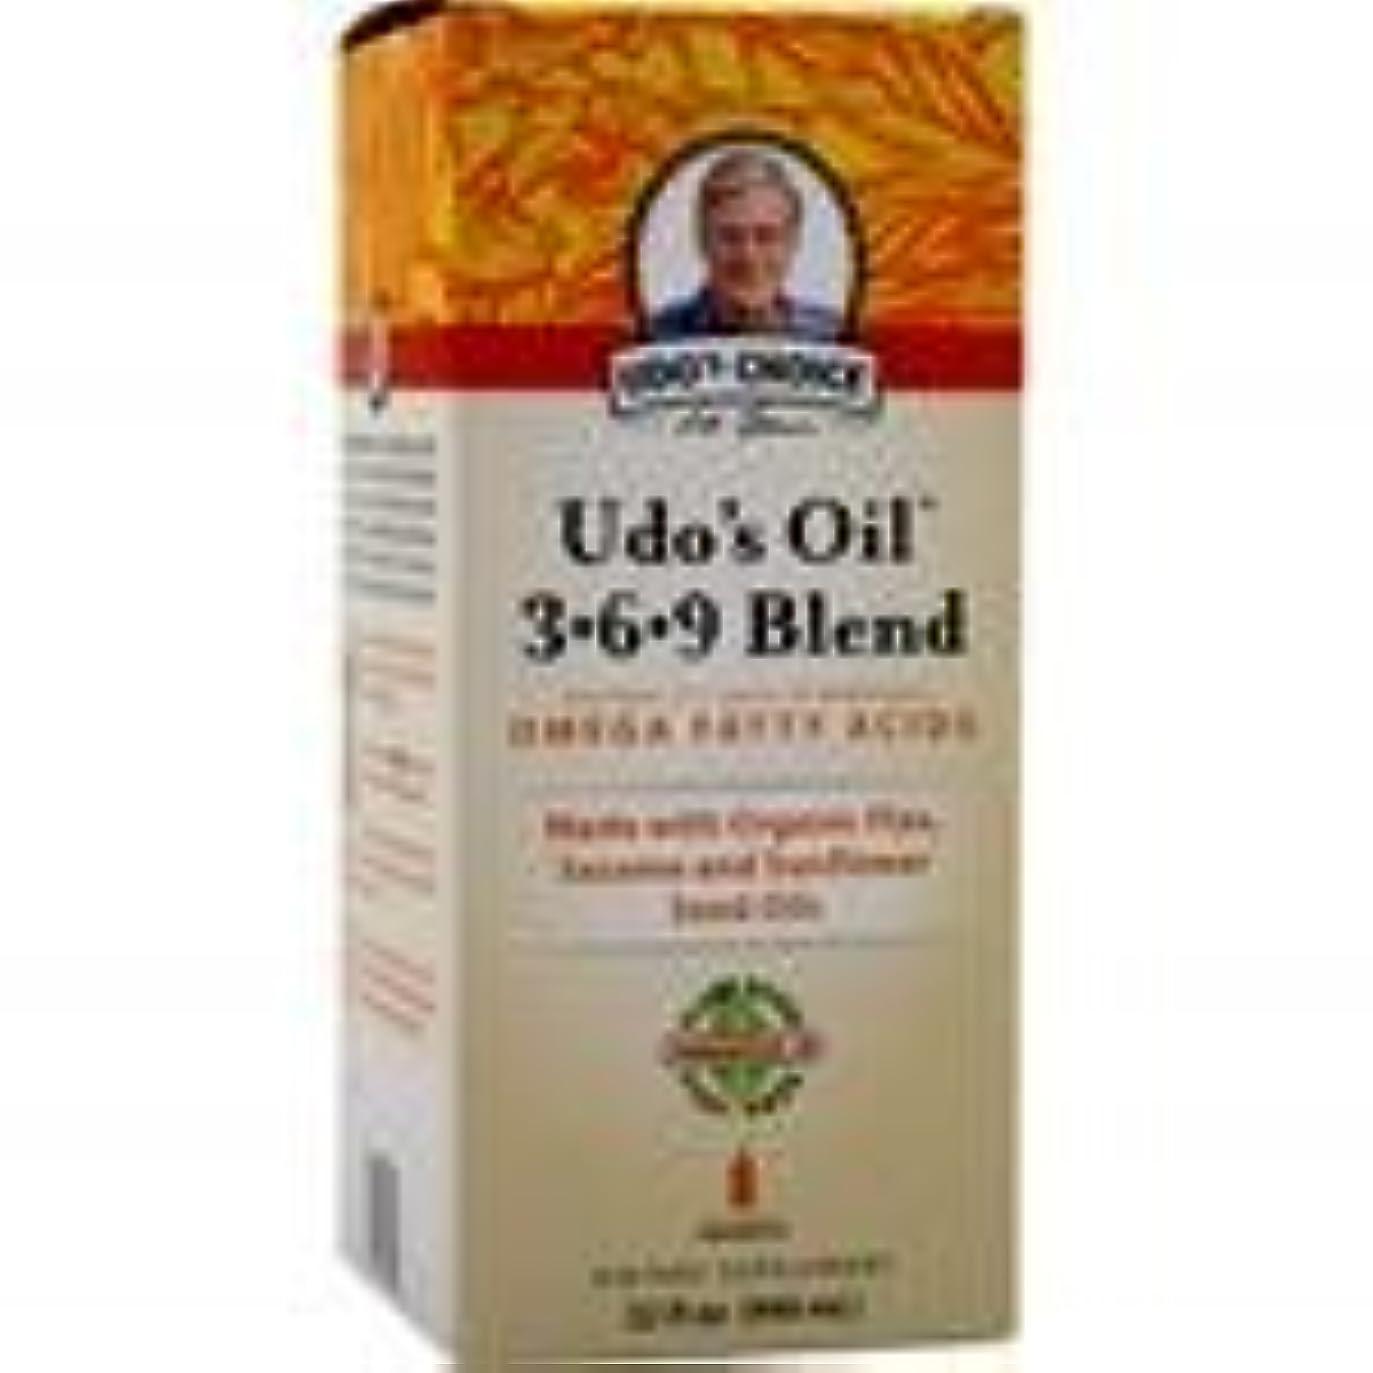 ライトニング自動化堤防Udo's Oil 3-6-9 Blend Liquid 32 fl.oz 2個パック